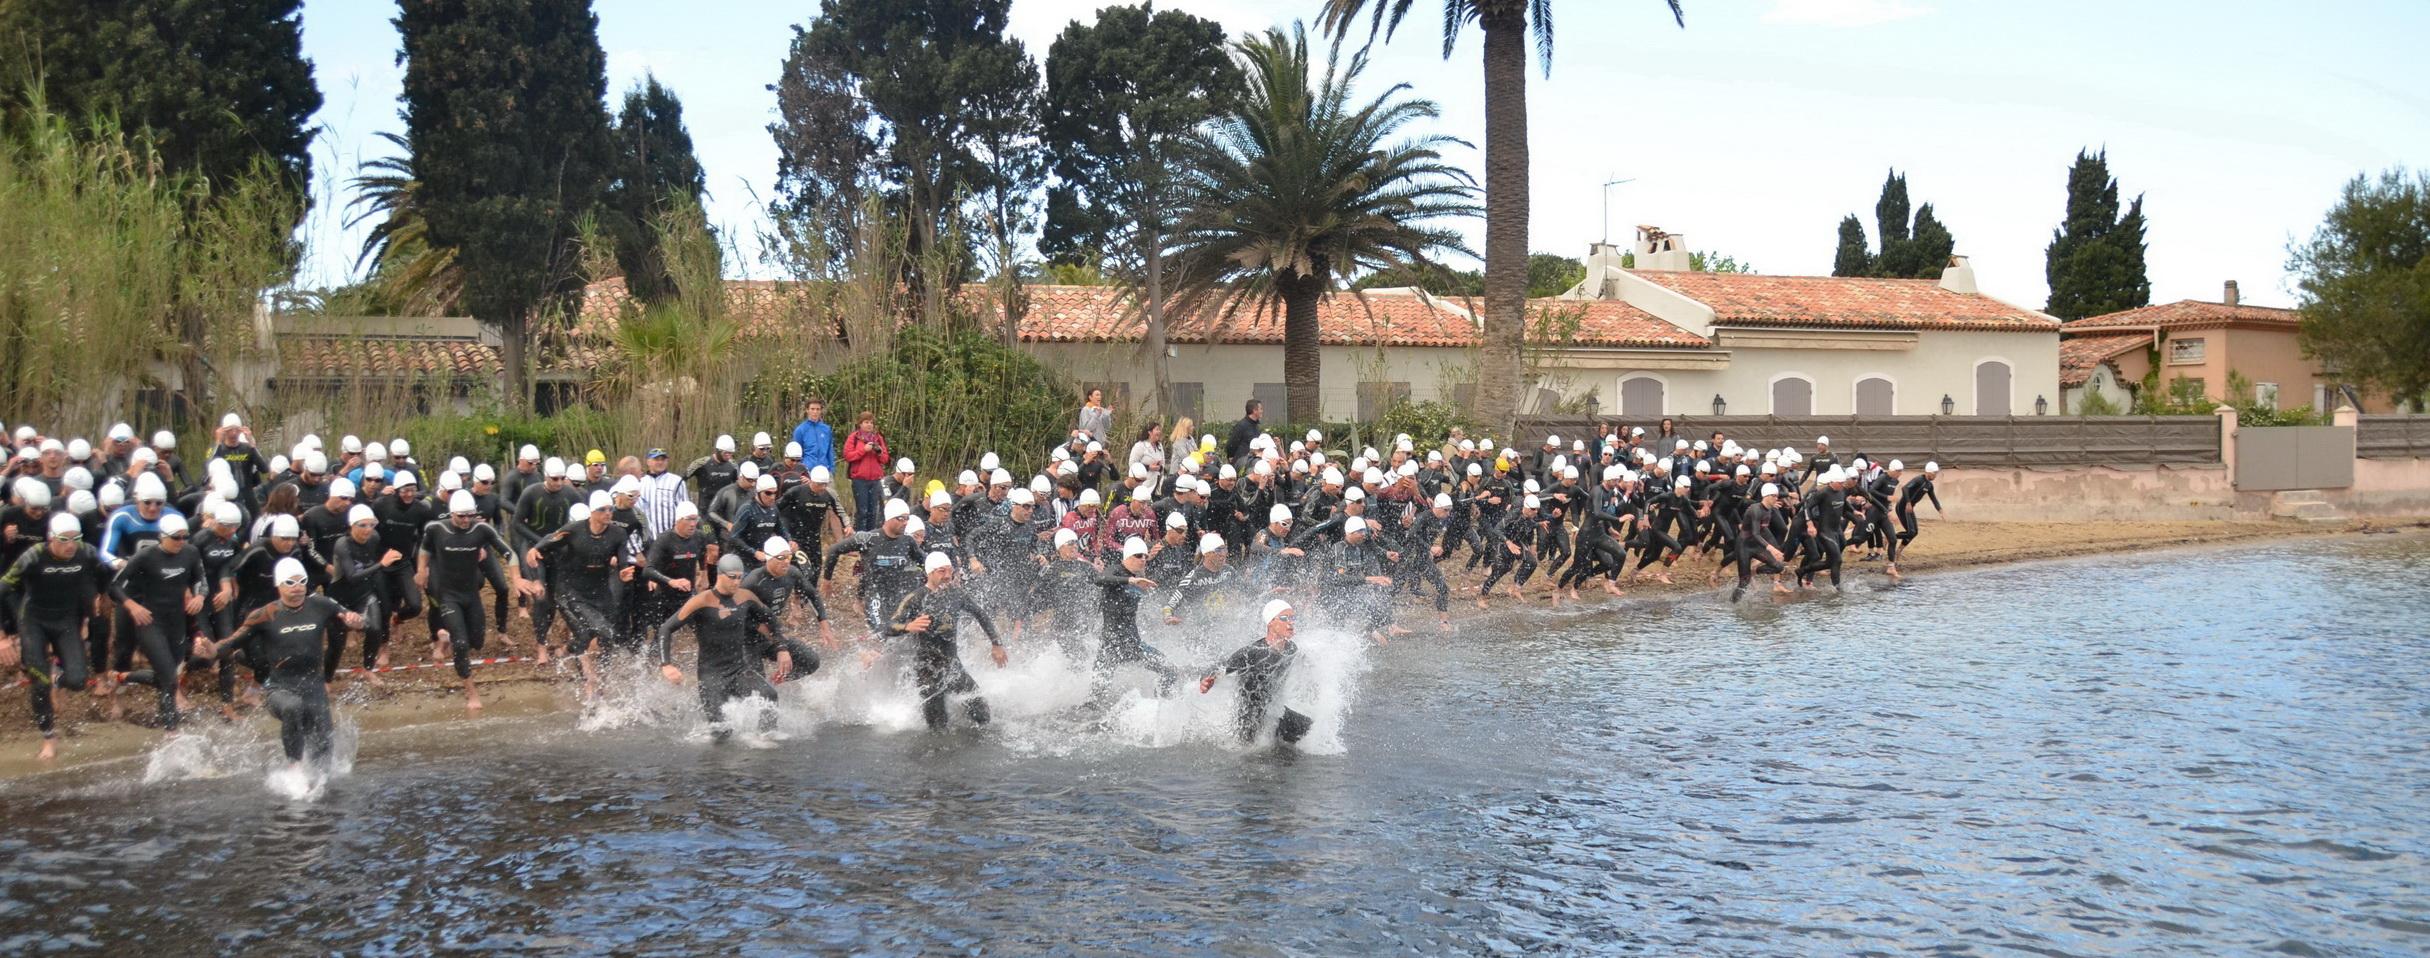 Triathlon S de Saint Tropez: Guérin en solitaire, Brien chez les dames…